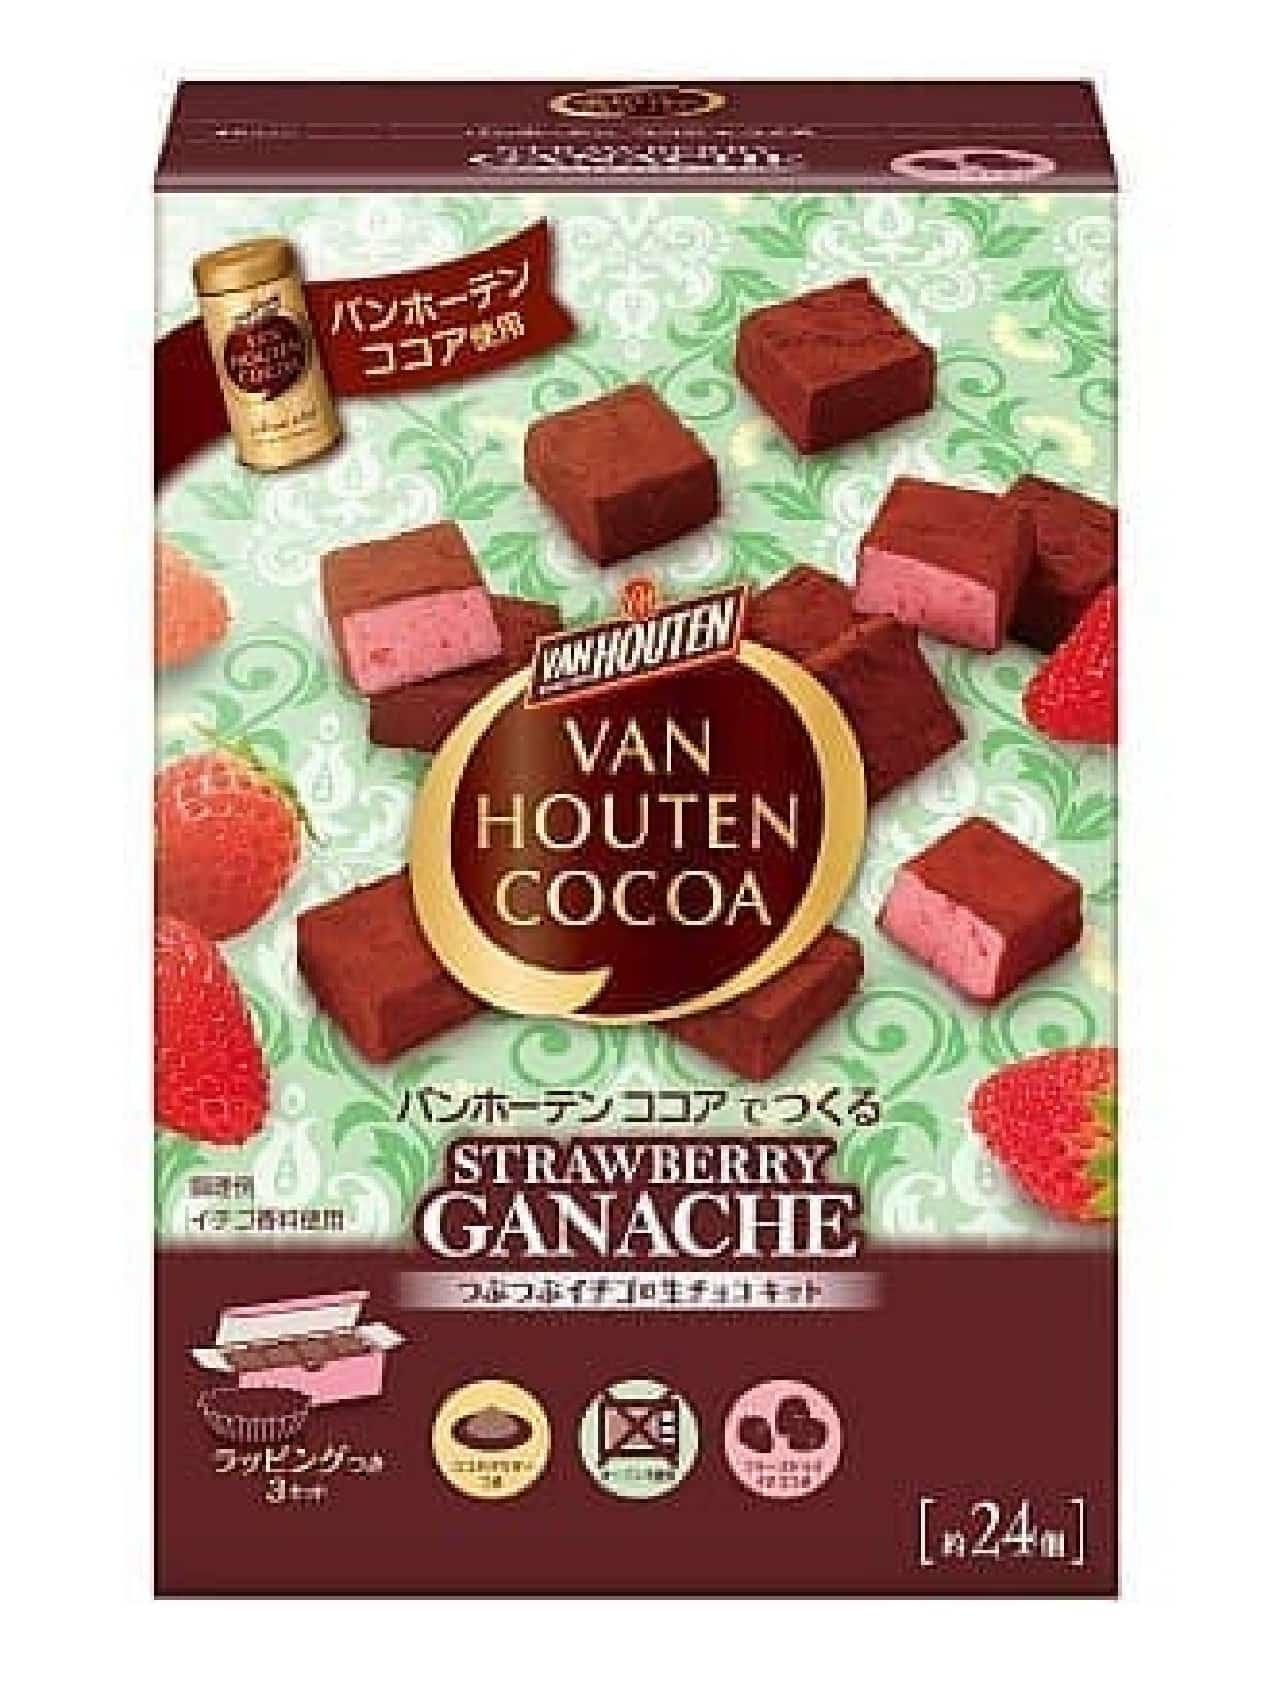 バンホーテン ココアでつくる つぶつぶイチゴの生チョコキット